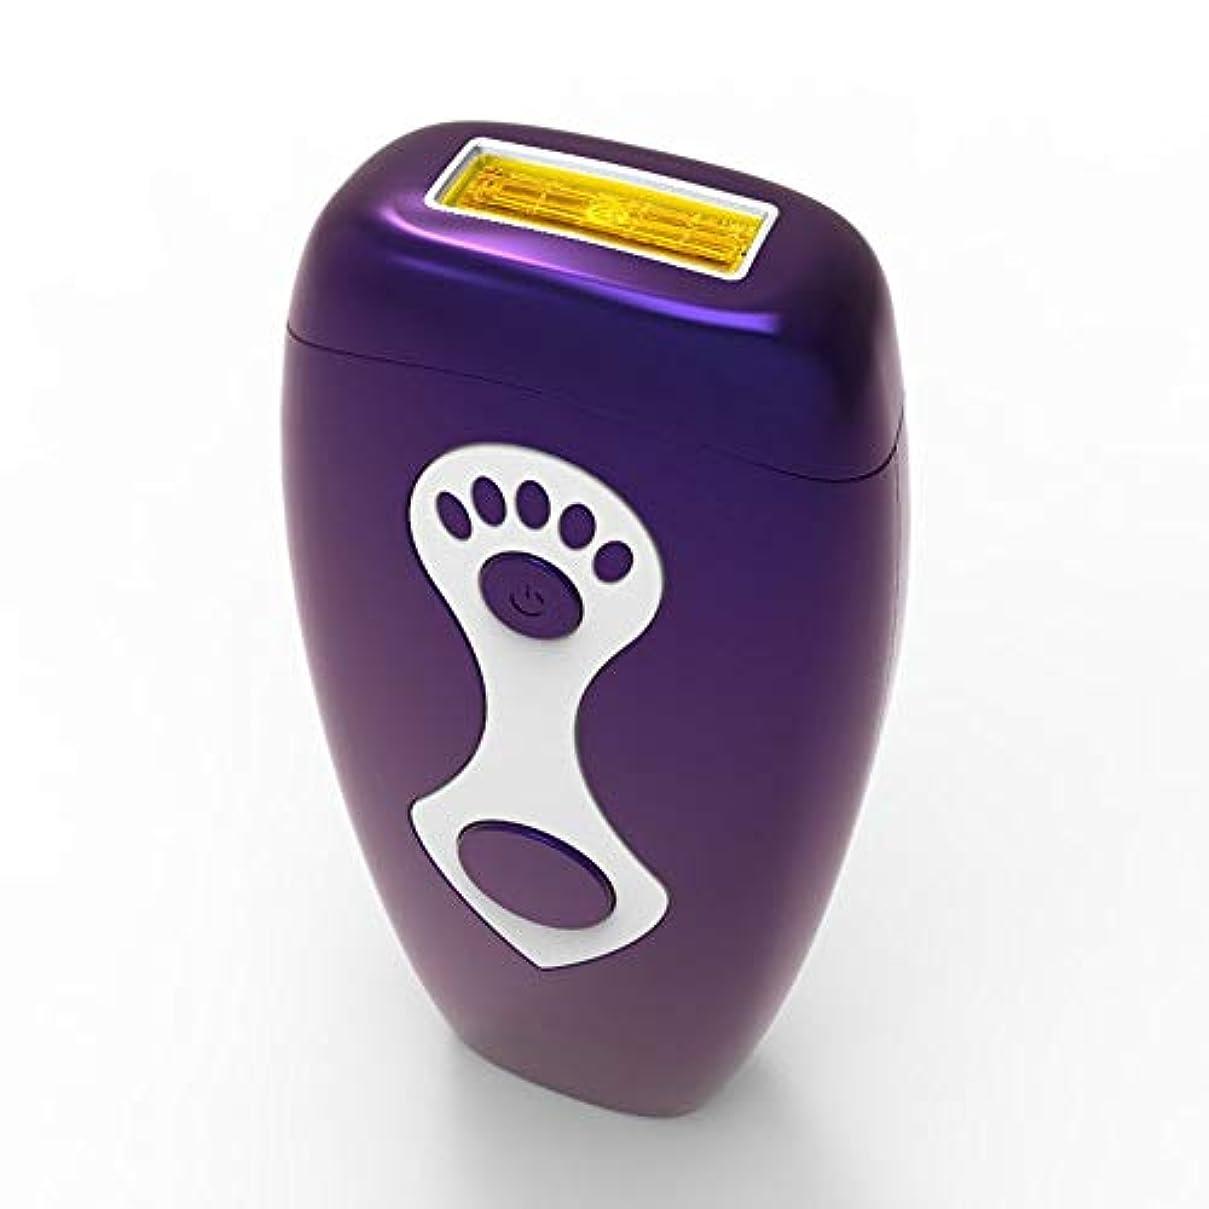 最適連帯便益Nuanxin パーマネント脱毛、家庭用ニュートラルヘアリムーバー、柔らかい肌、マルチ運動エネルギー、安全性、グレード5無料調整、サイズ7.5×16.5 Cm F30 (Color : Purple)